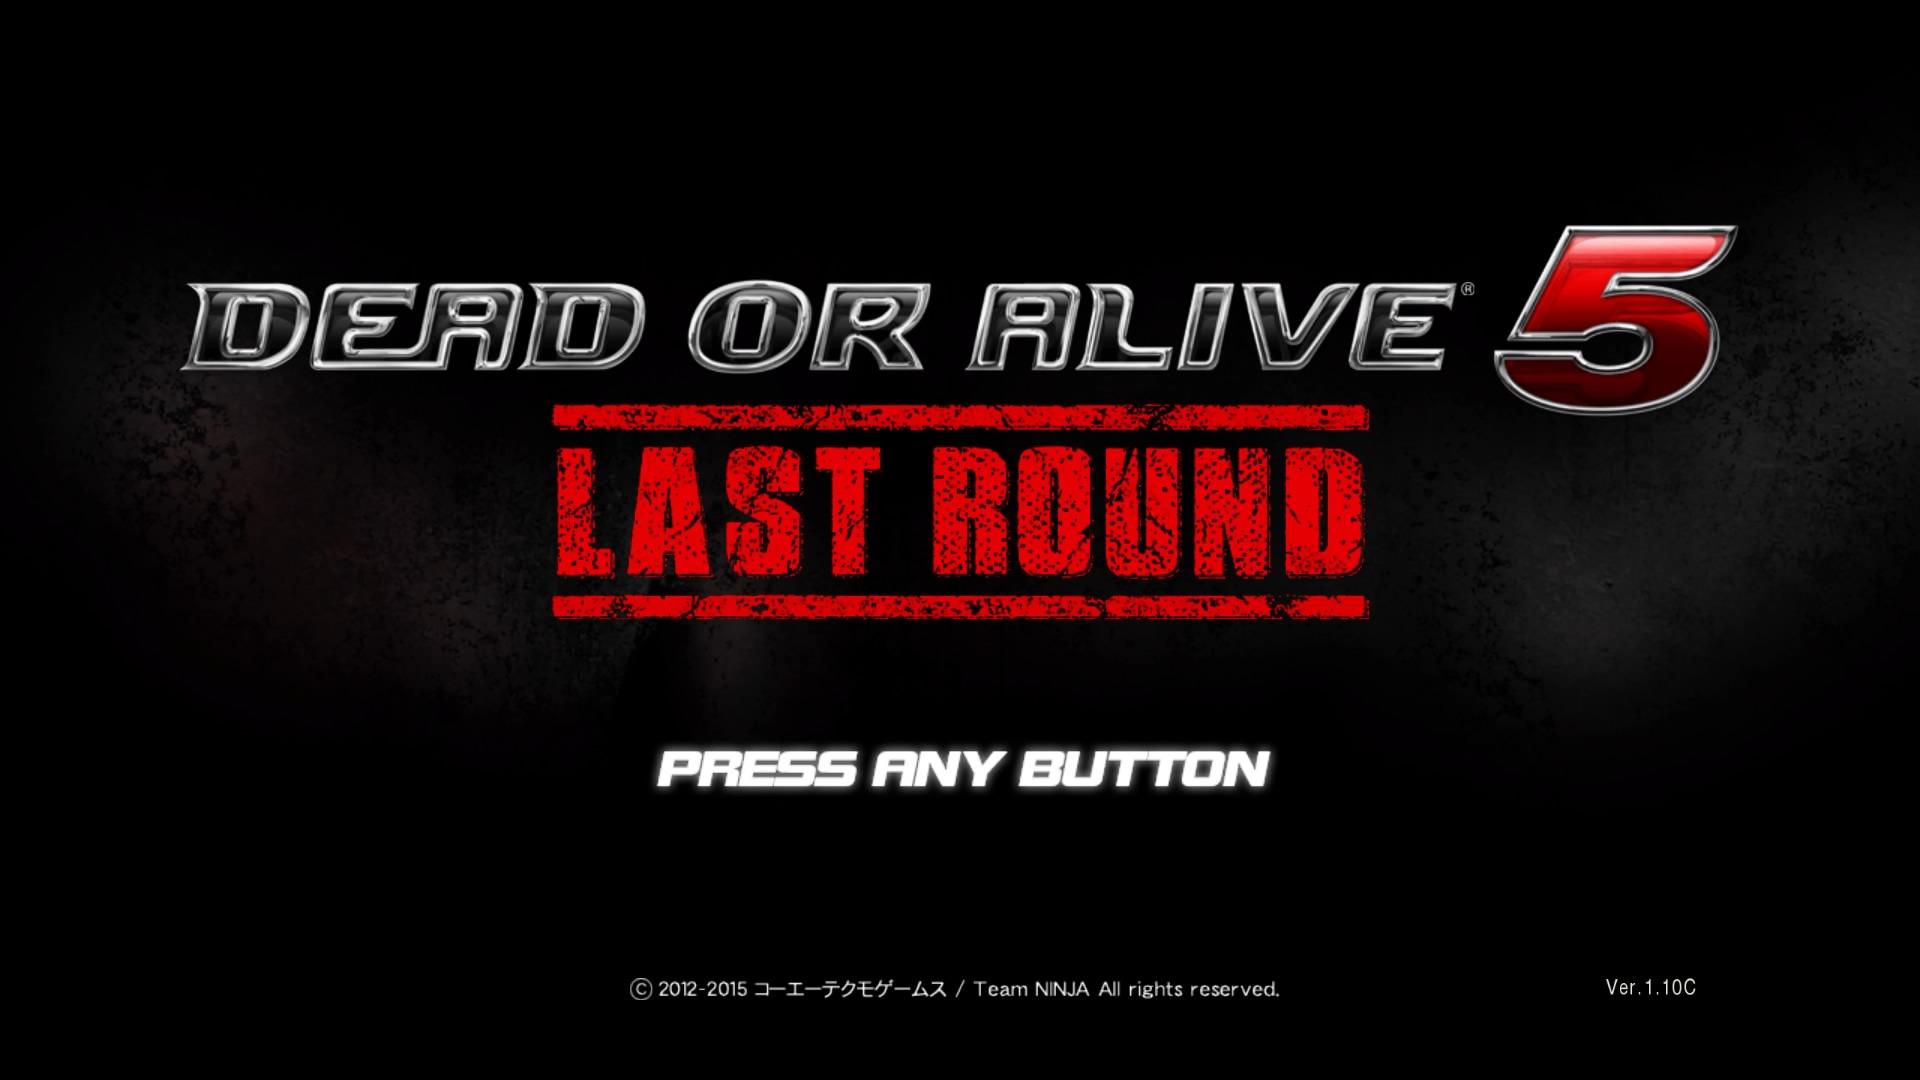 デッドオアアライブ5ラストラウンド(PS3)(PS4)感想・レビュー